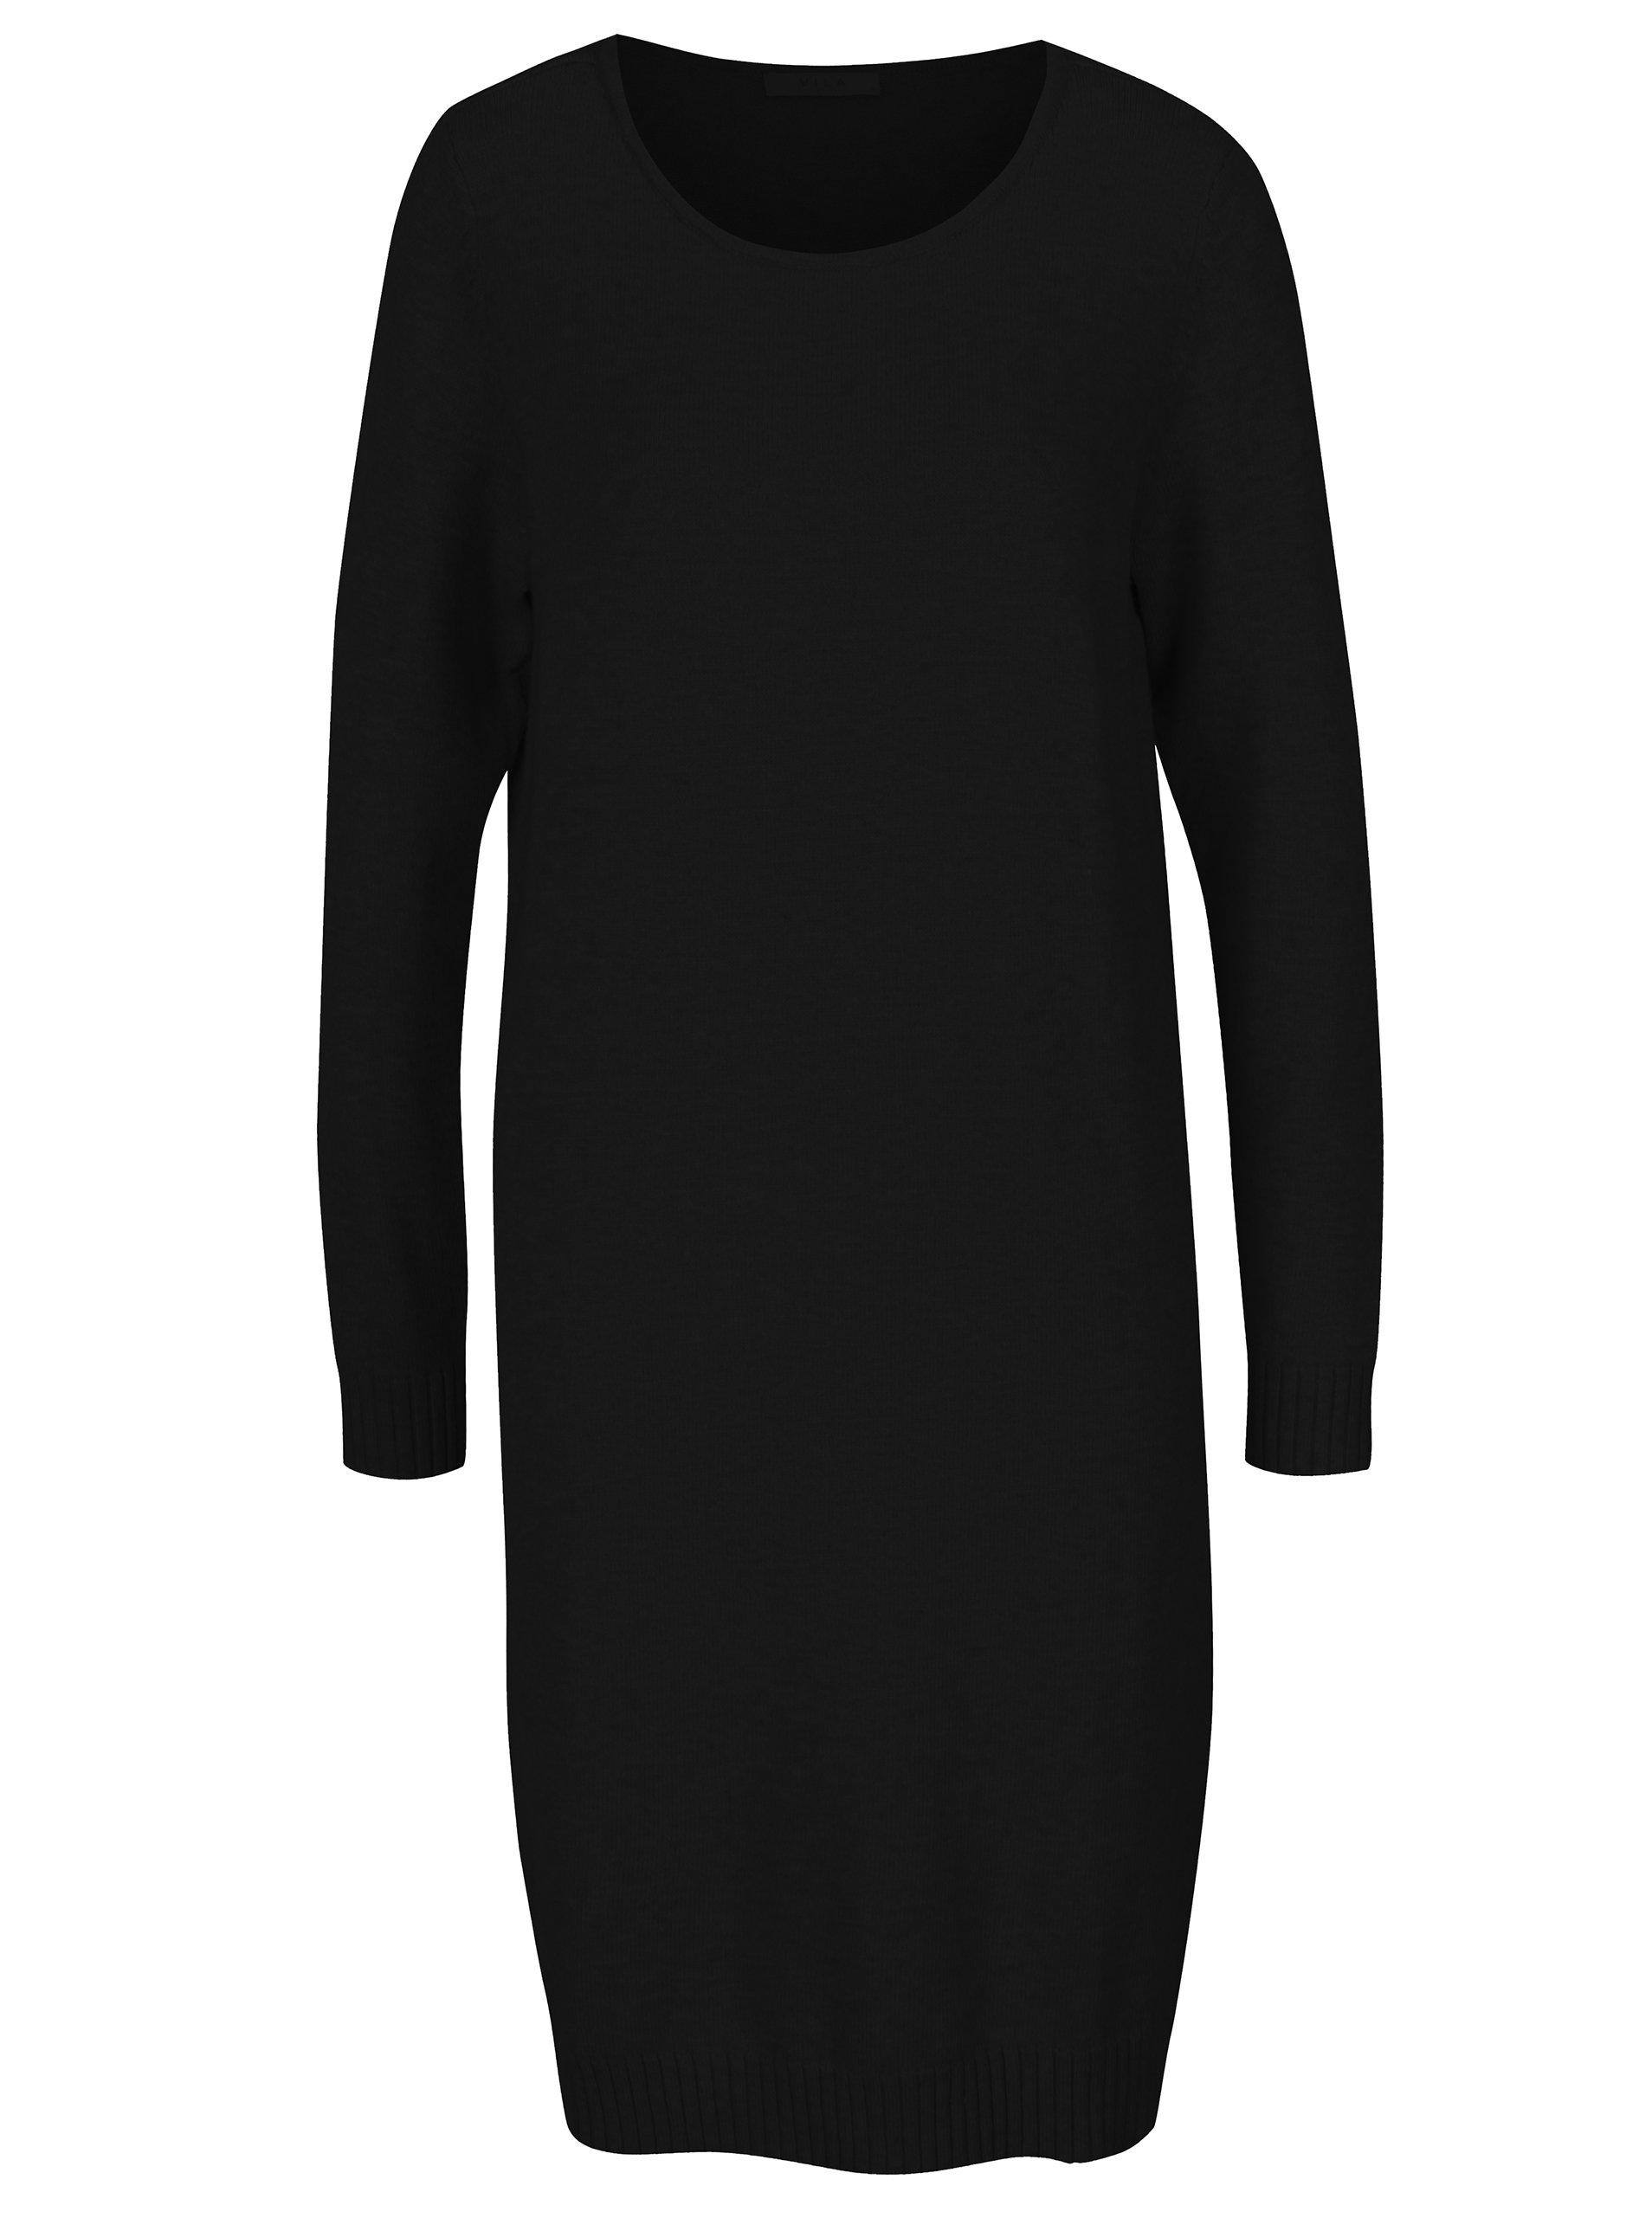 9dc8b325268a Černé svetrové šaty VILA Ril ...